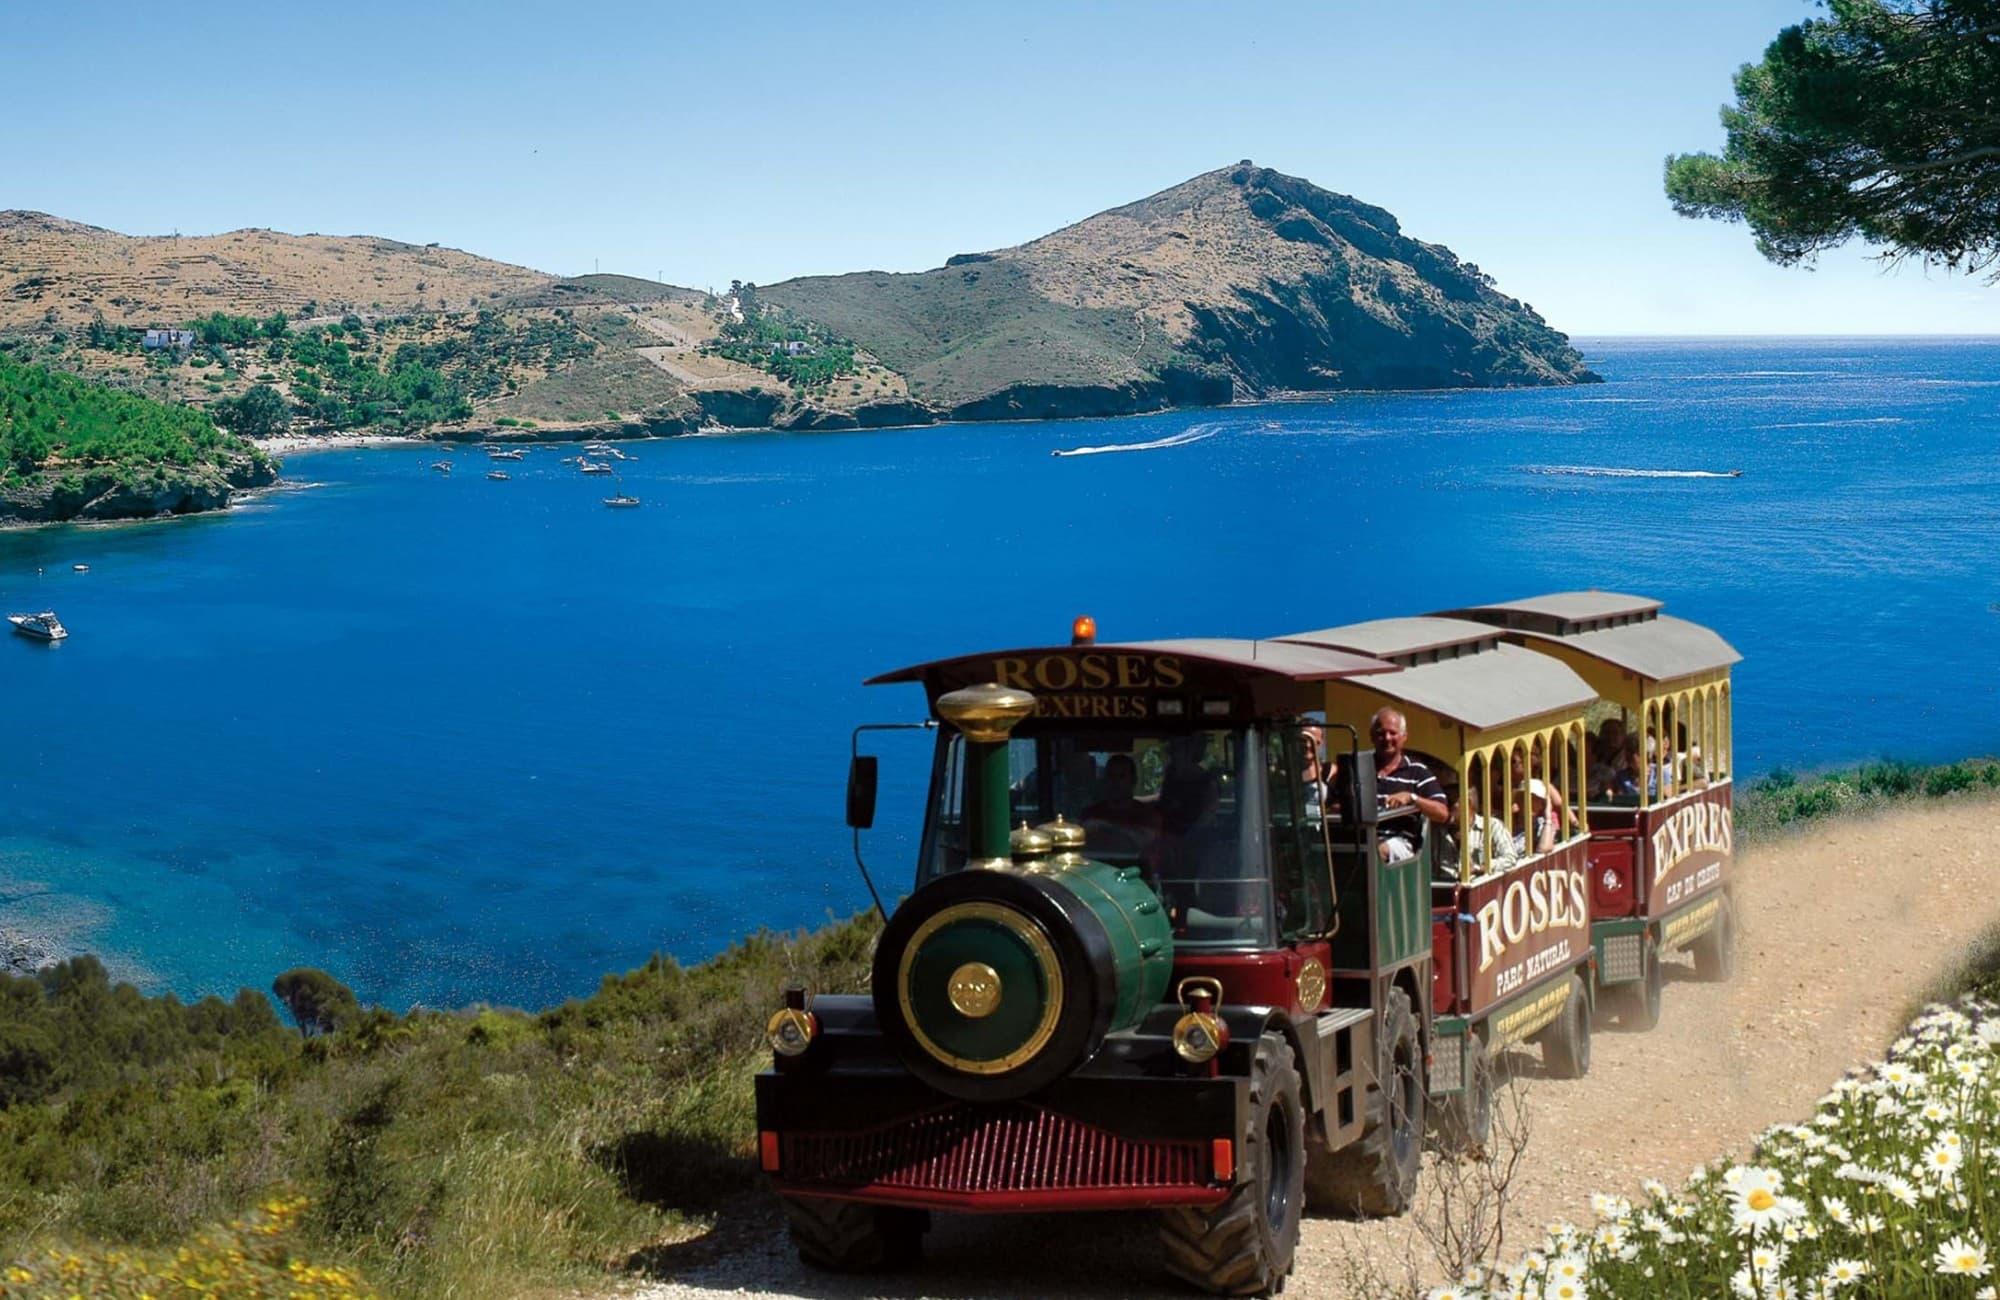 Sortir de son train-train quotidien sur la baie de Portlligat